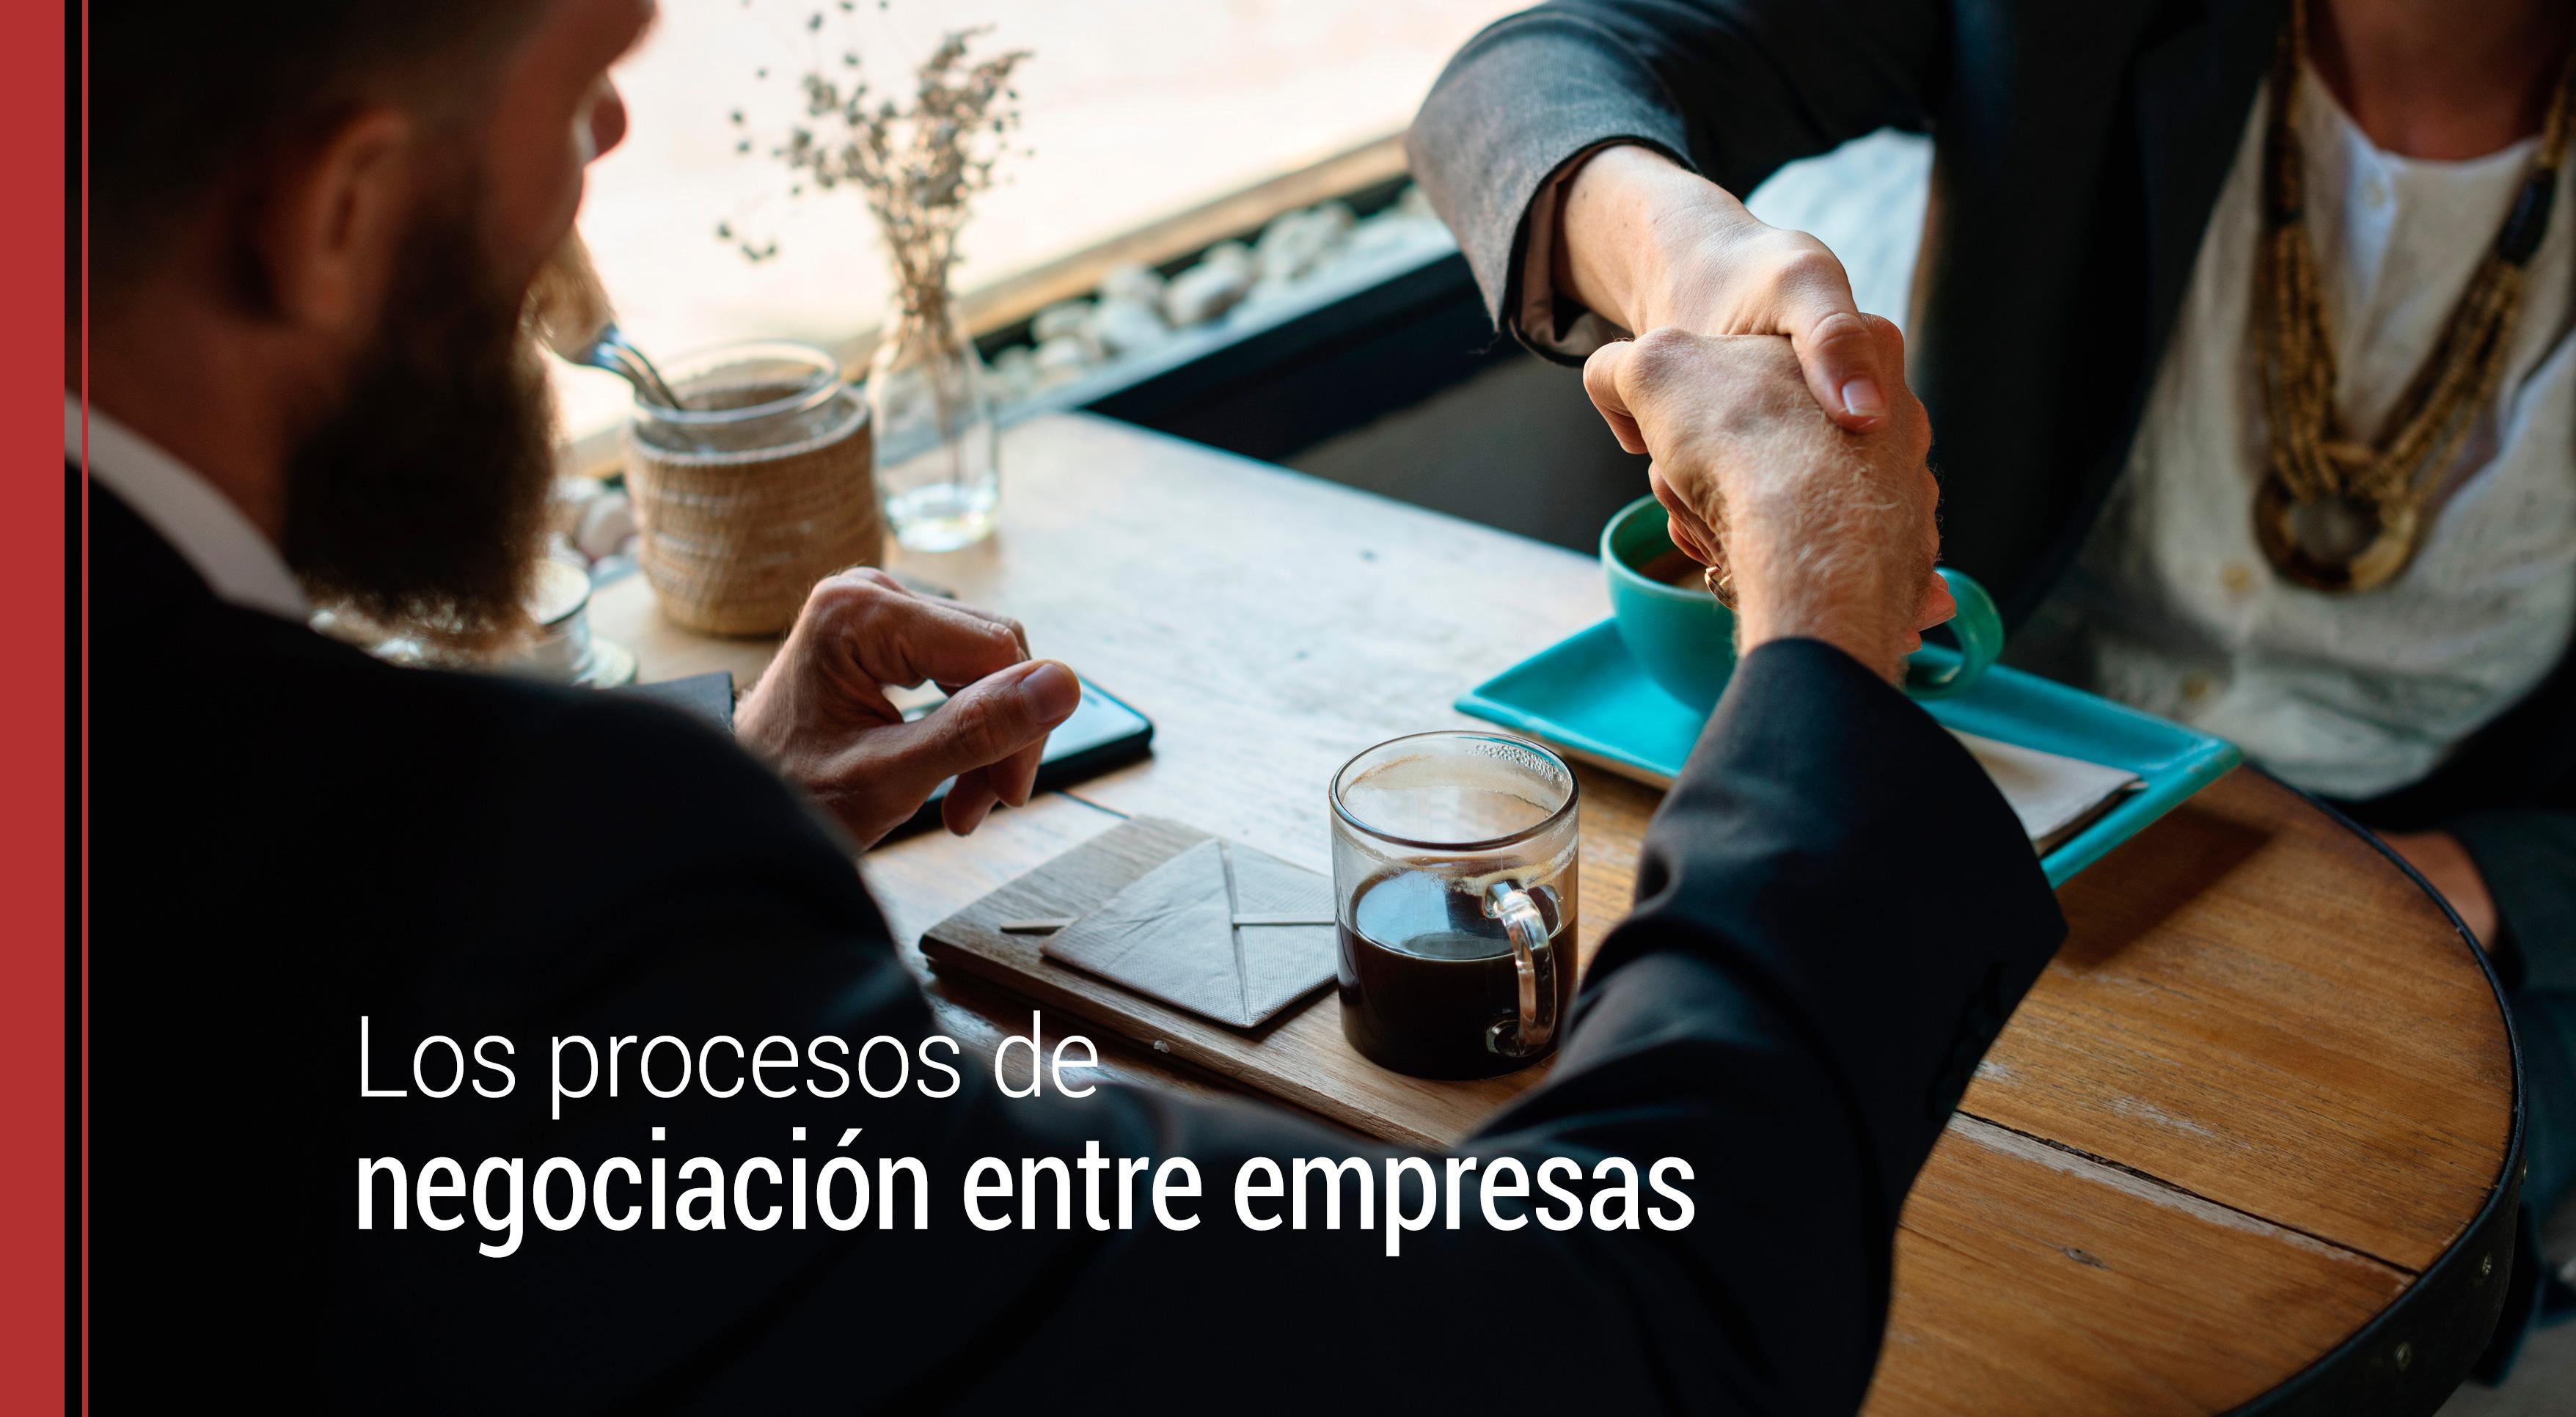 procesos-negociacion-empresas Los procesos de negociación entre empresas